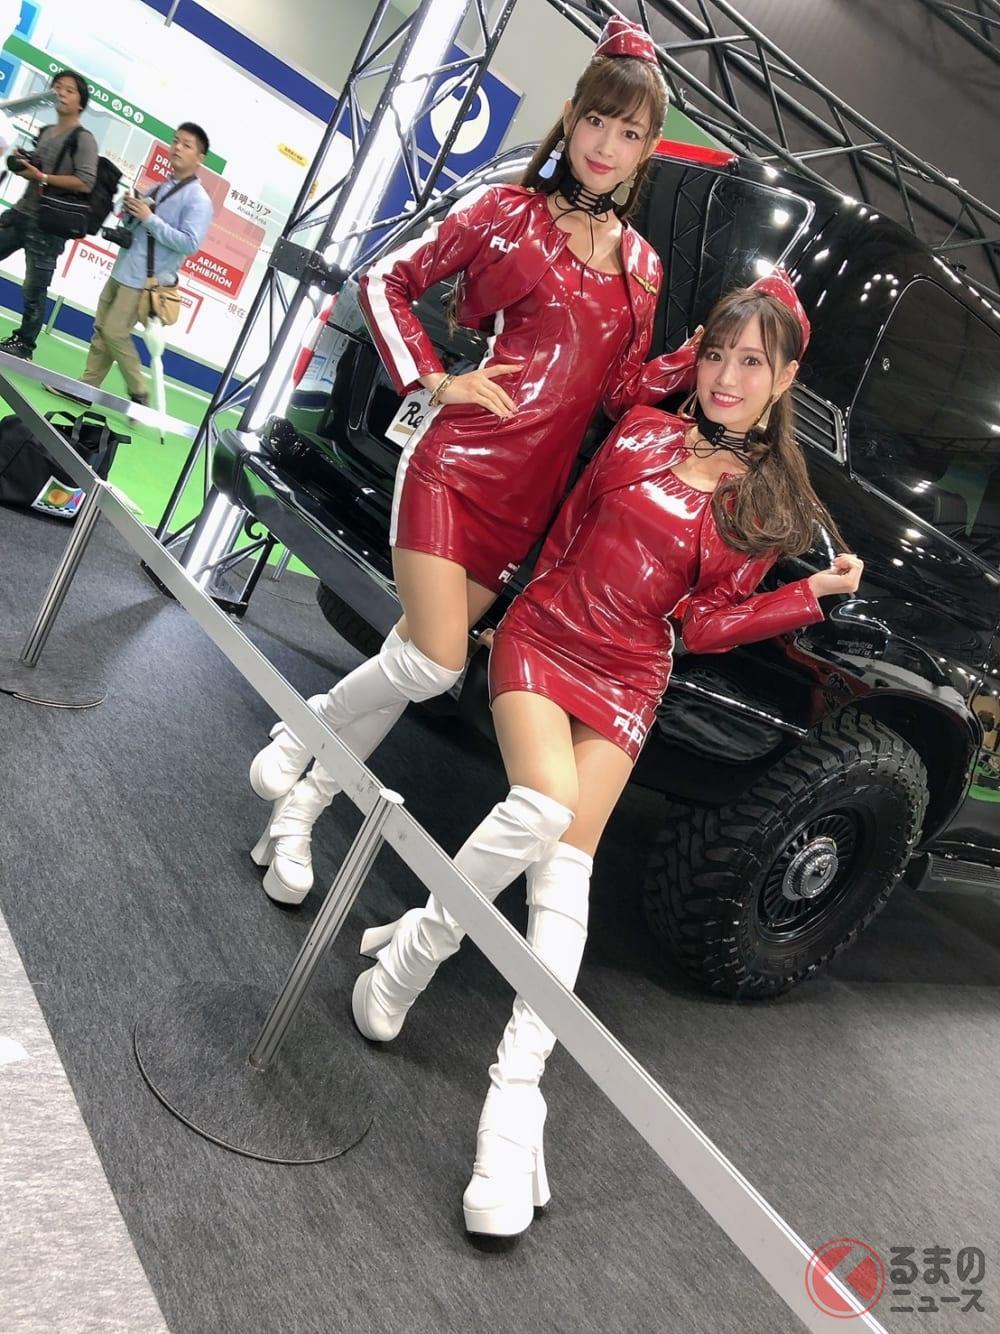 FLEXのコンパニオンは軍服オマージュのスポーティな衣装で登場!